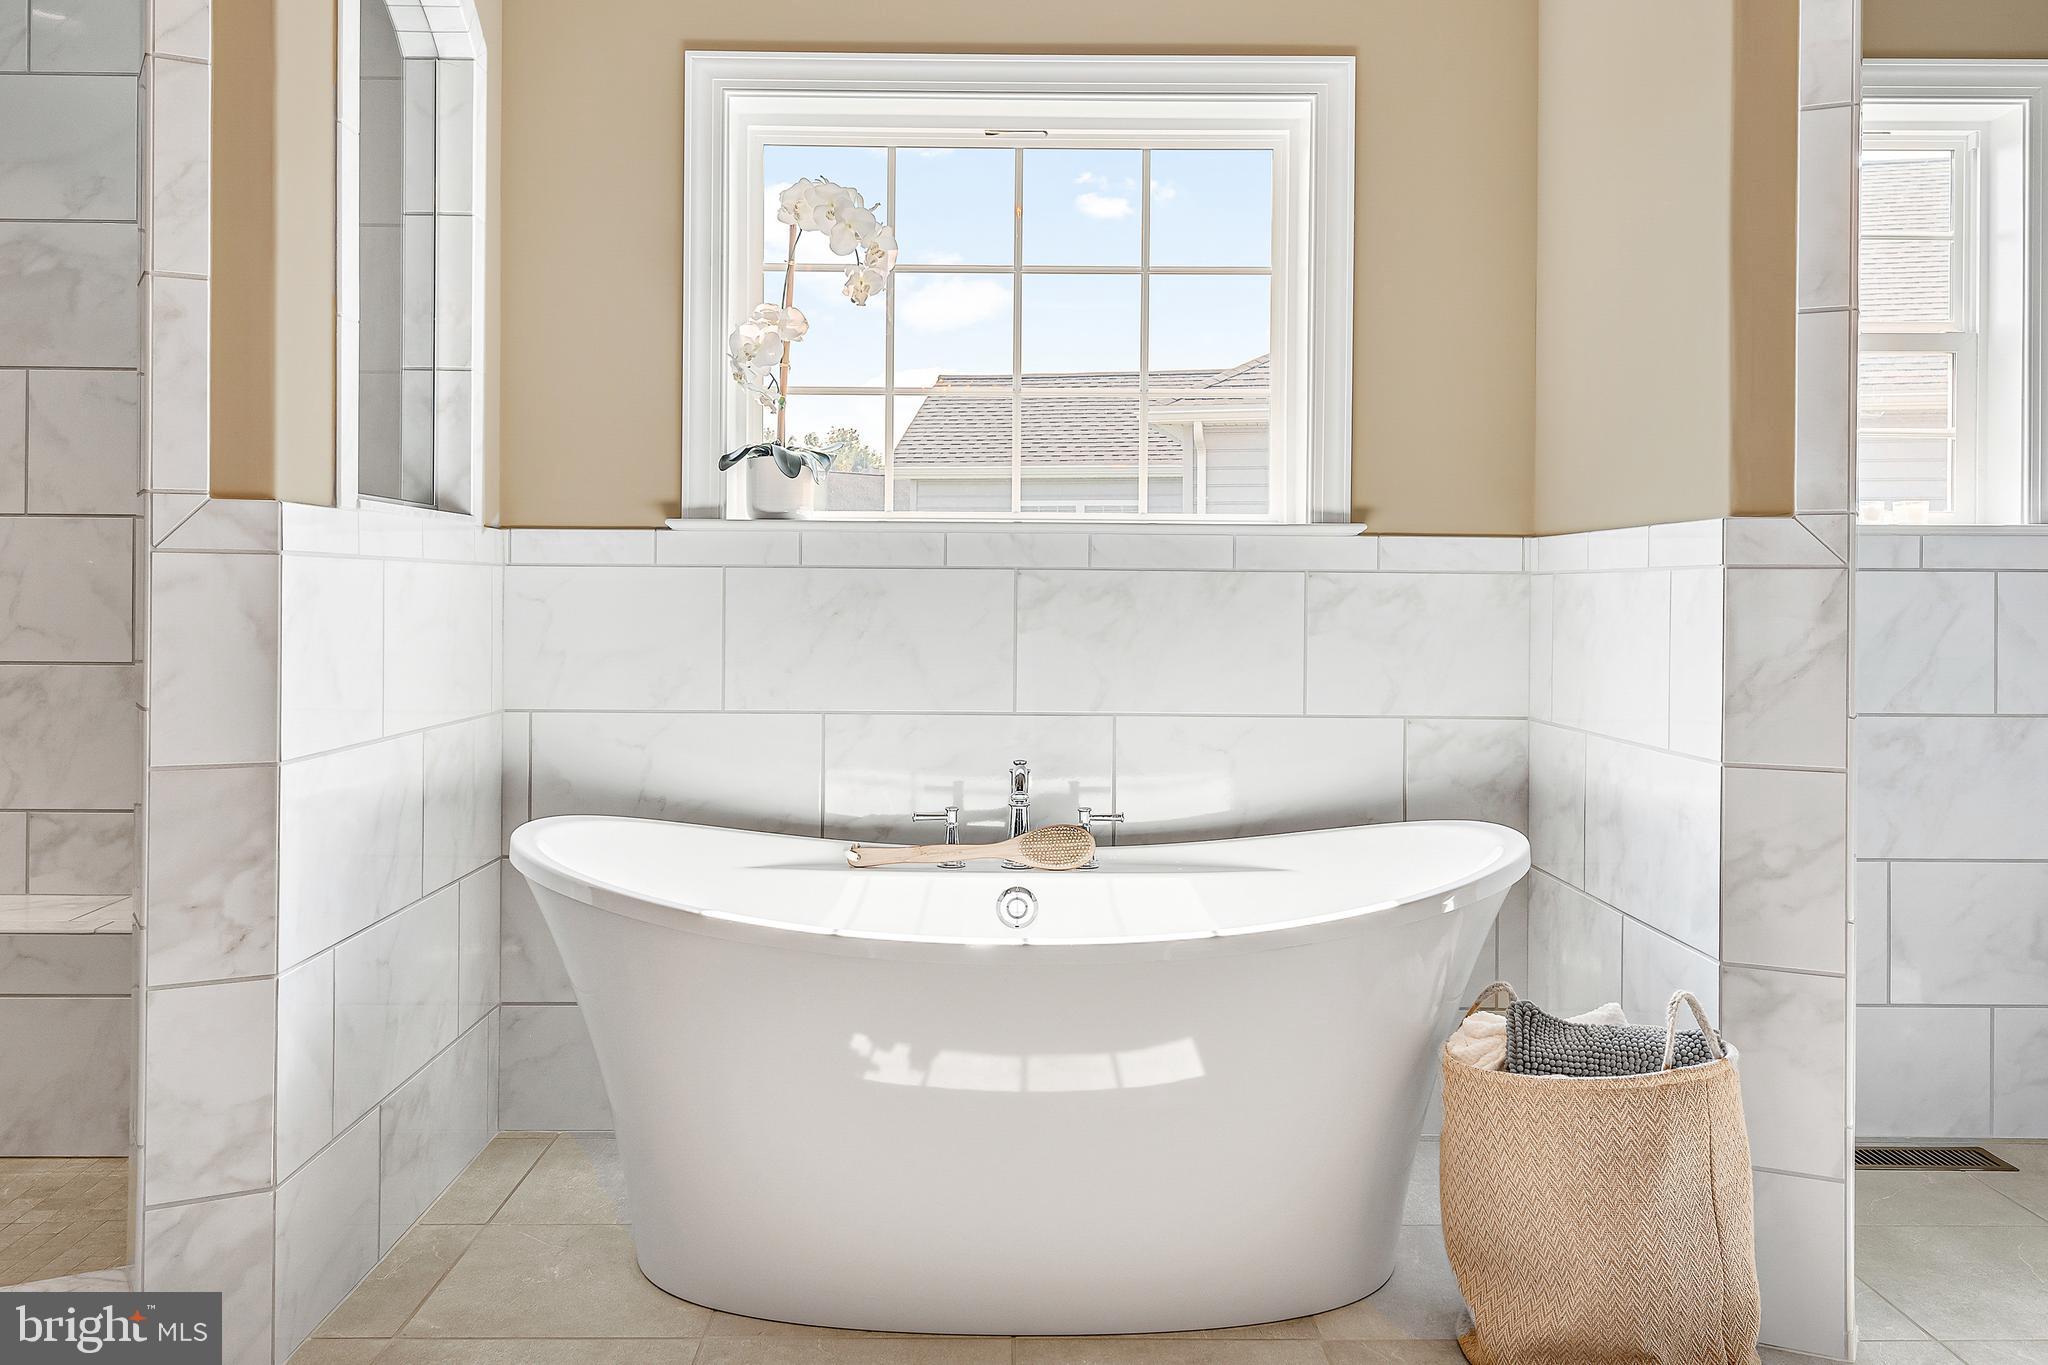 Slipper tub-just add bubbles!